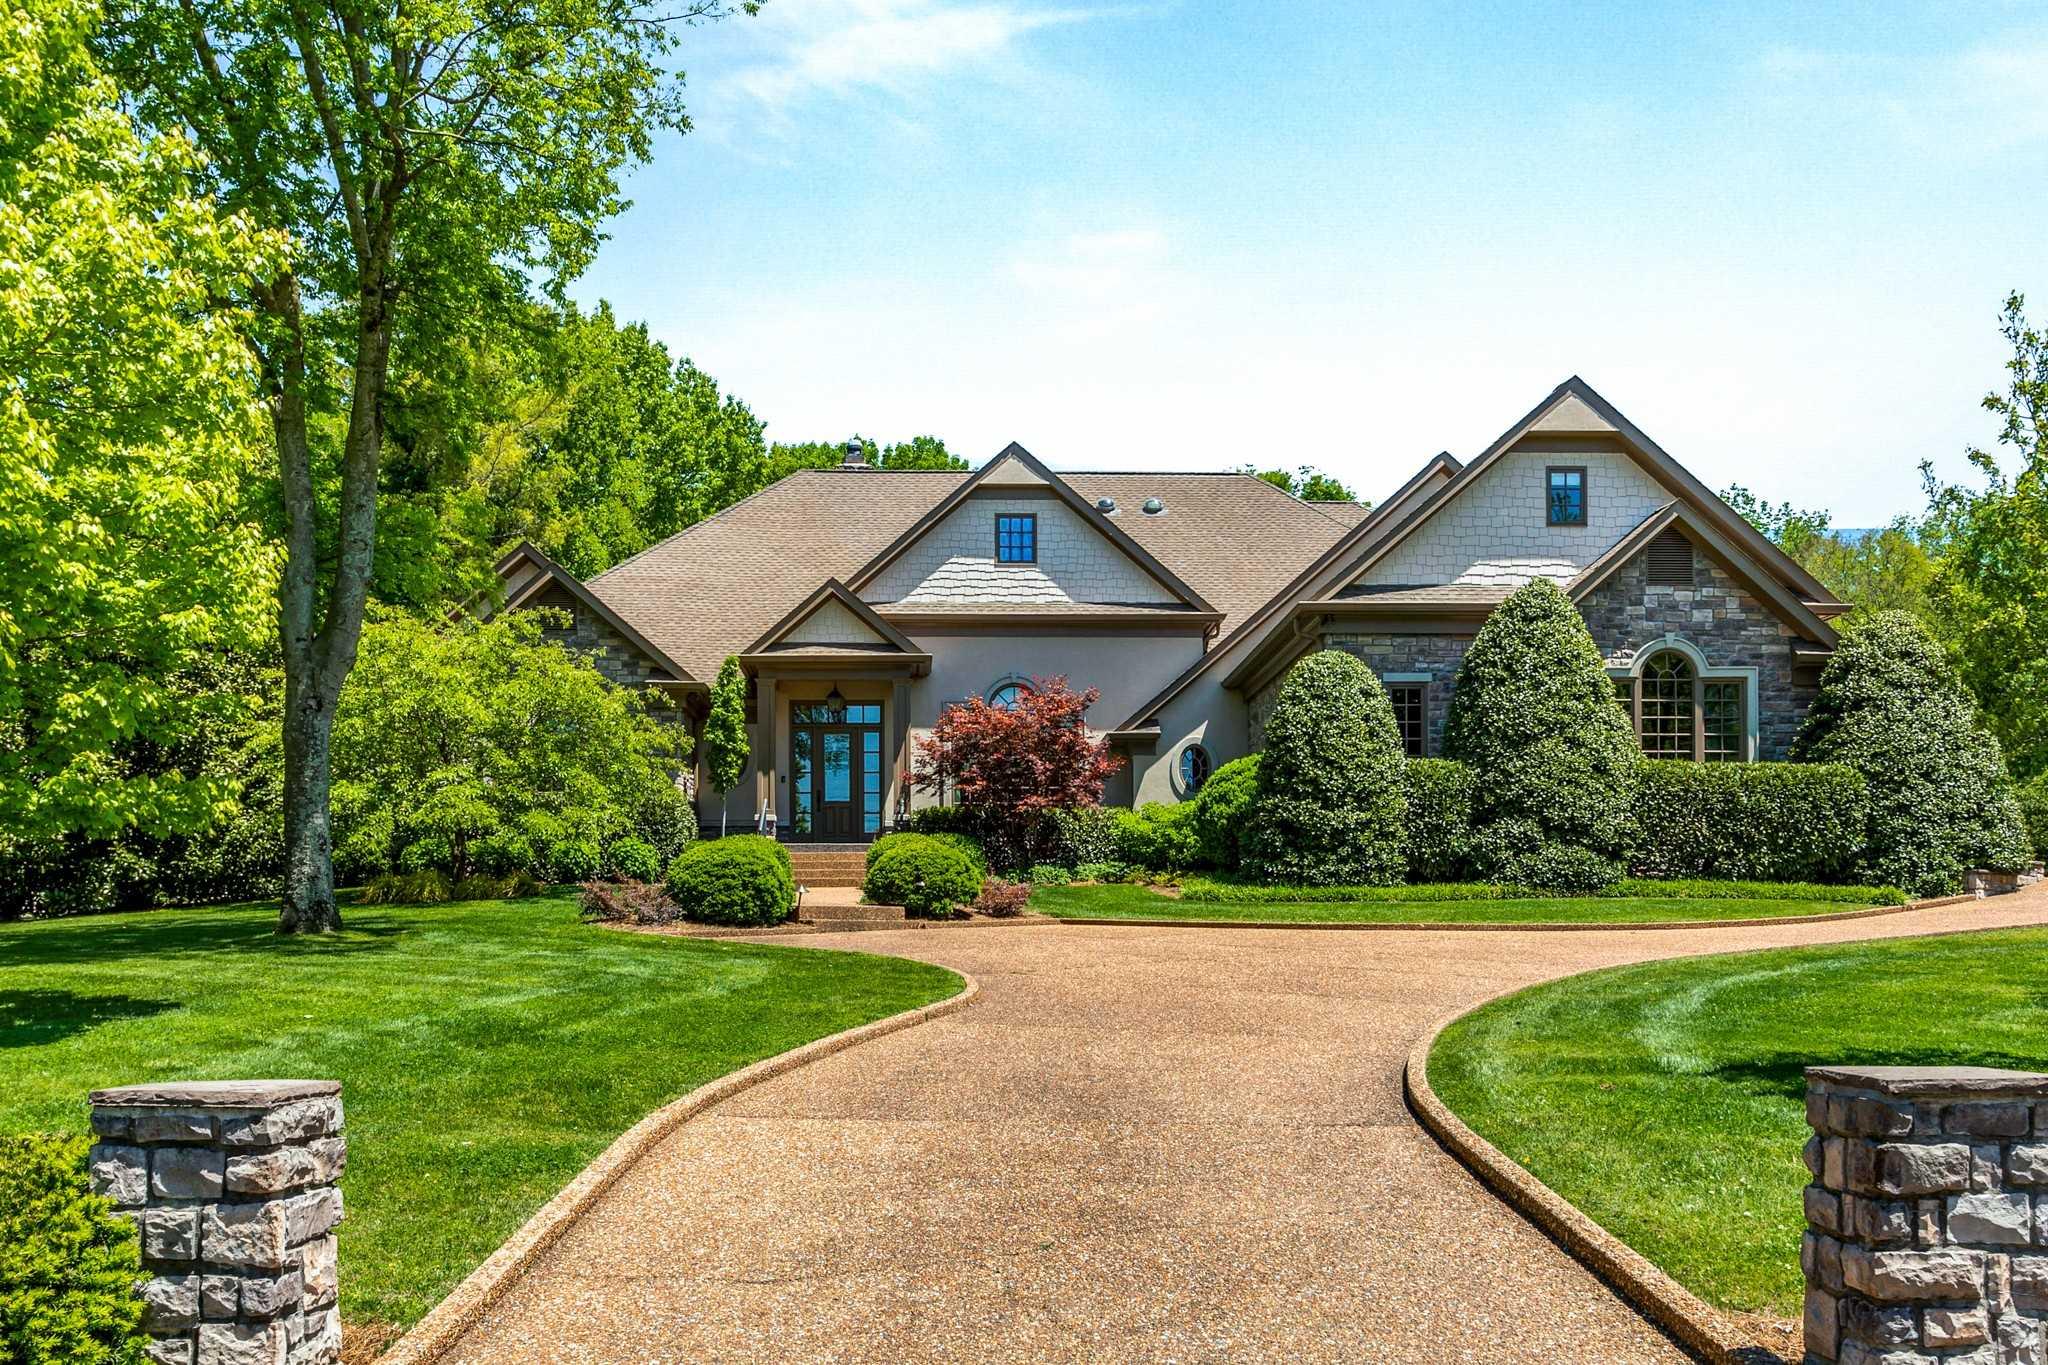 $2,695,000 - 5Br/7Ba -  for Sale in Green Hills/belle Meade, Nashville